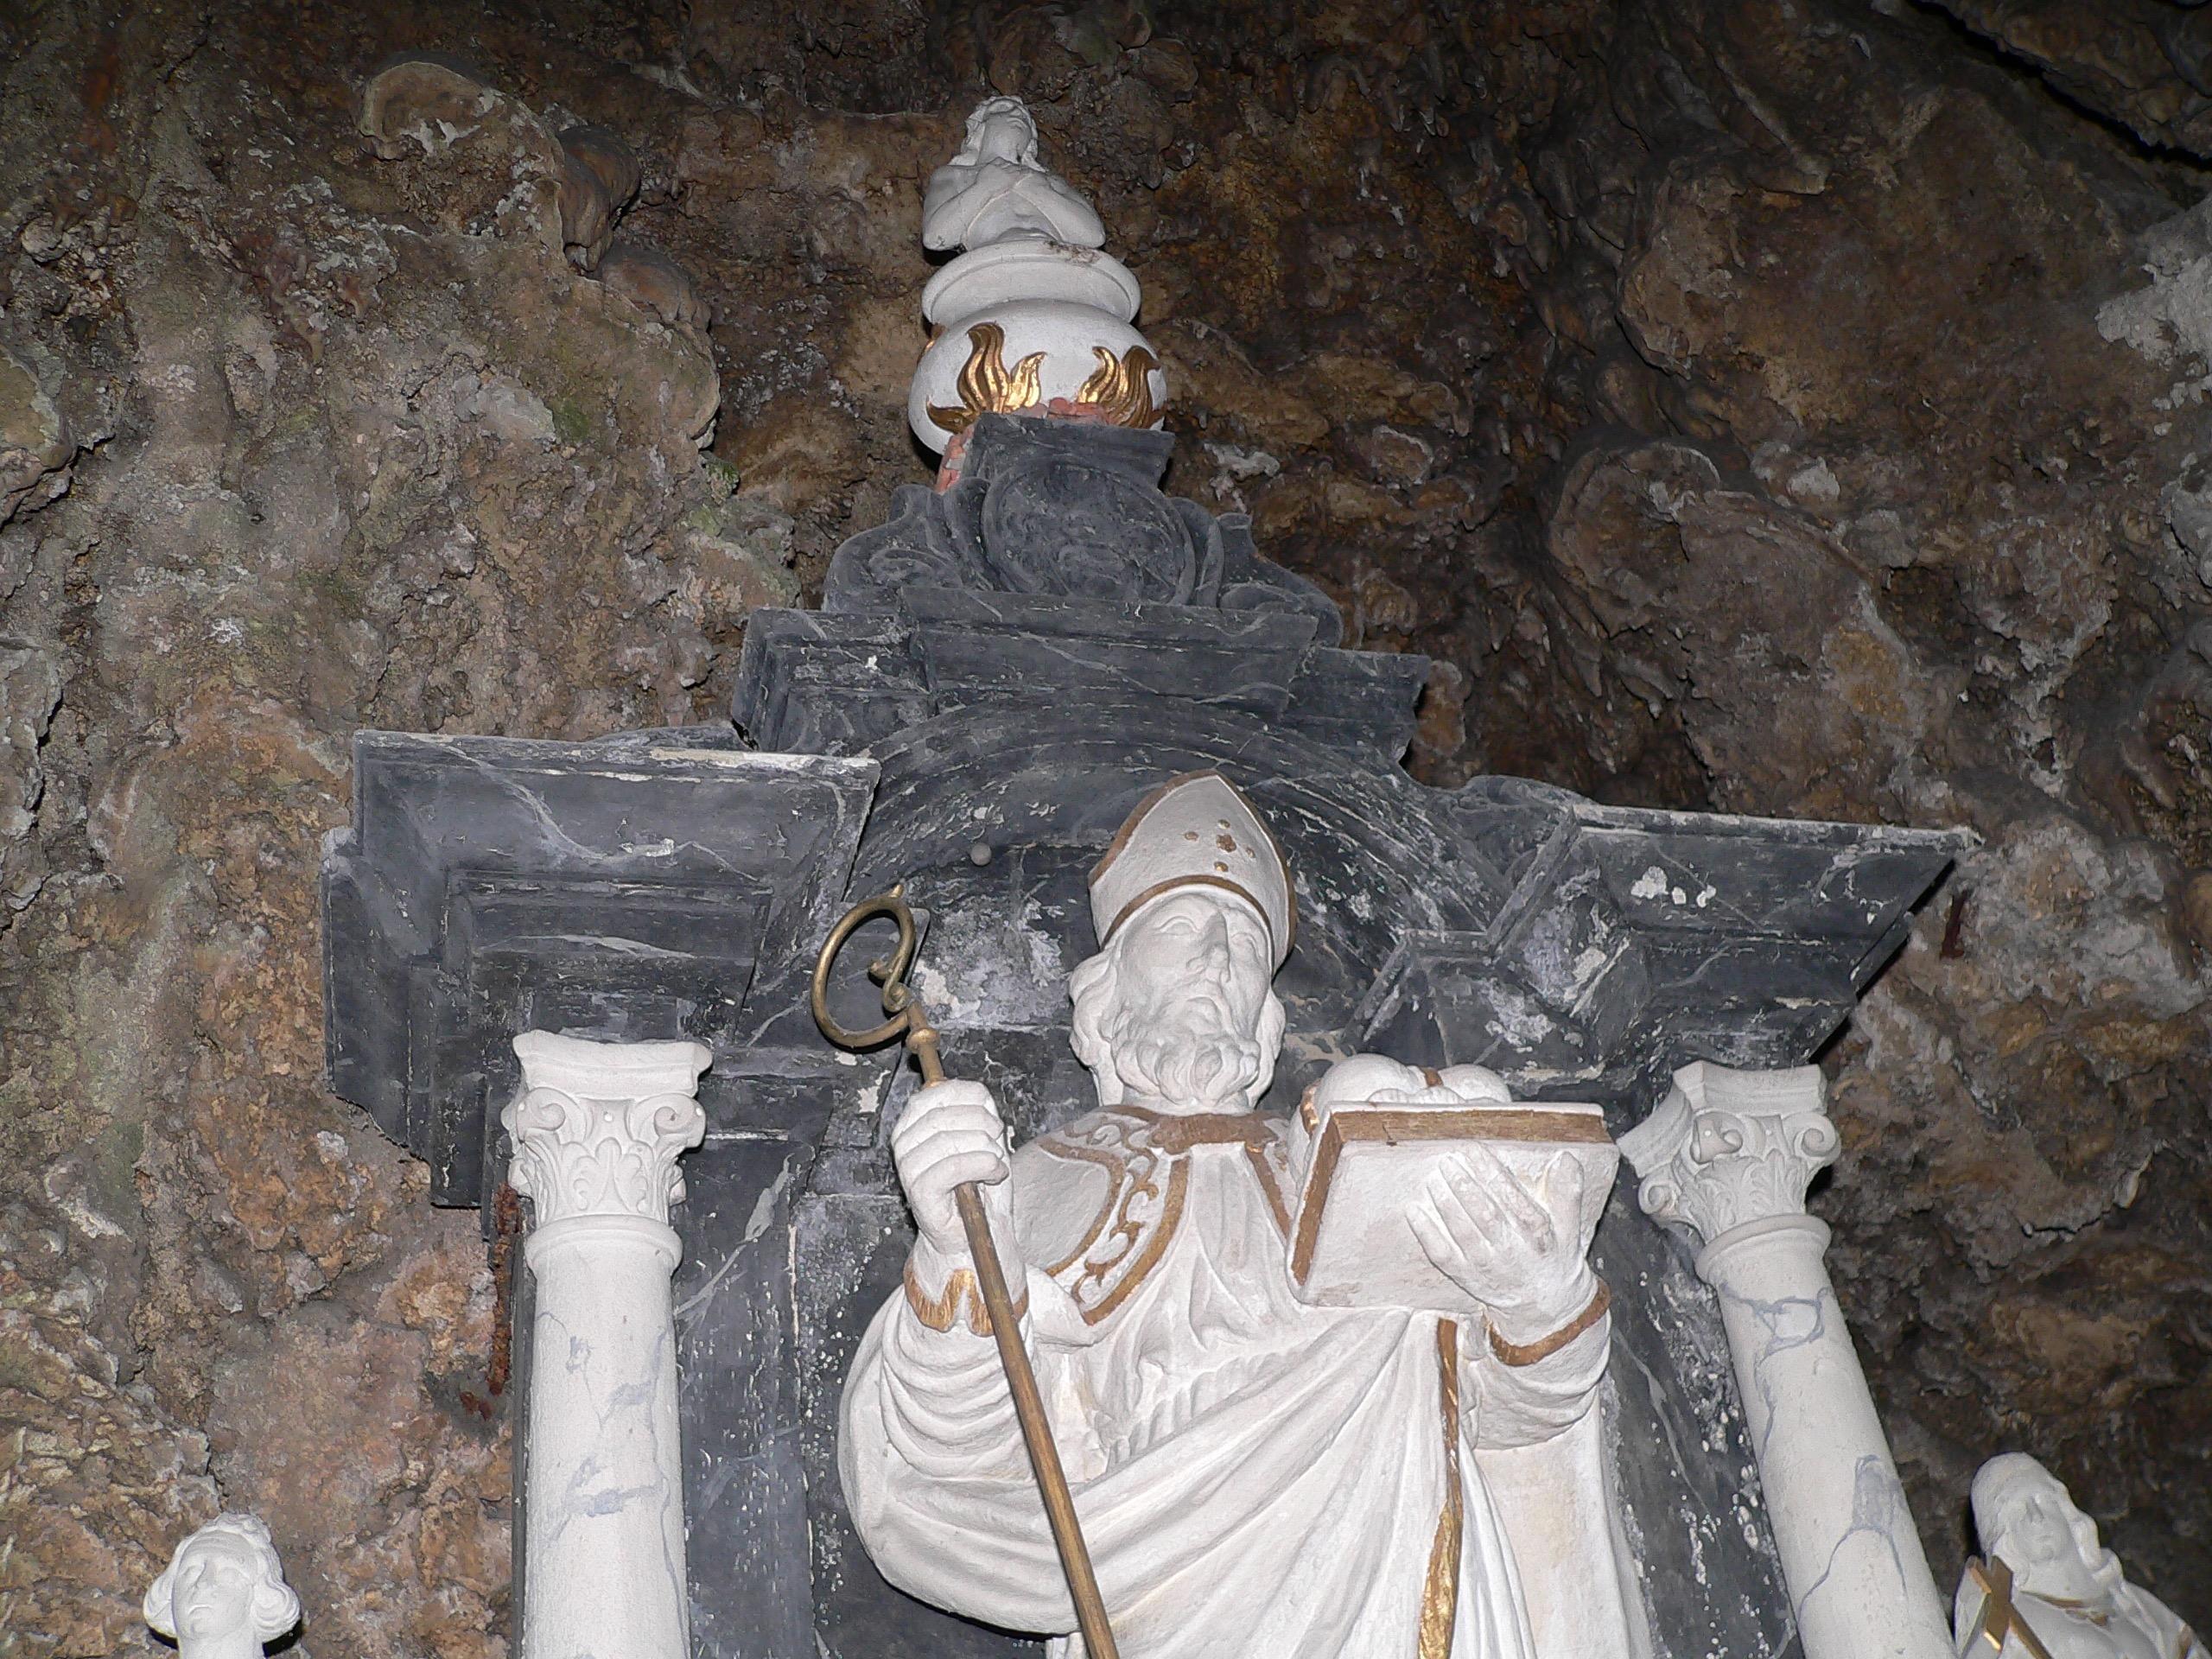 Burkardusaltar in der gleichnamigen Grotte. | Foto: B. Schneider